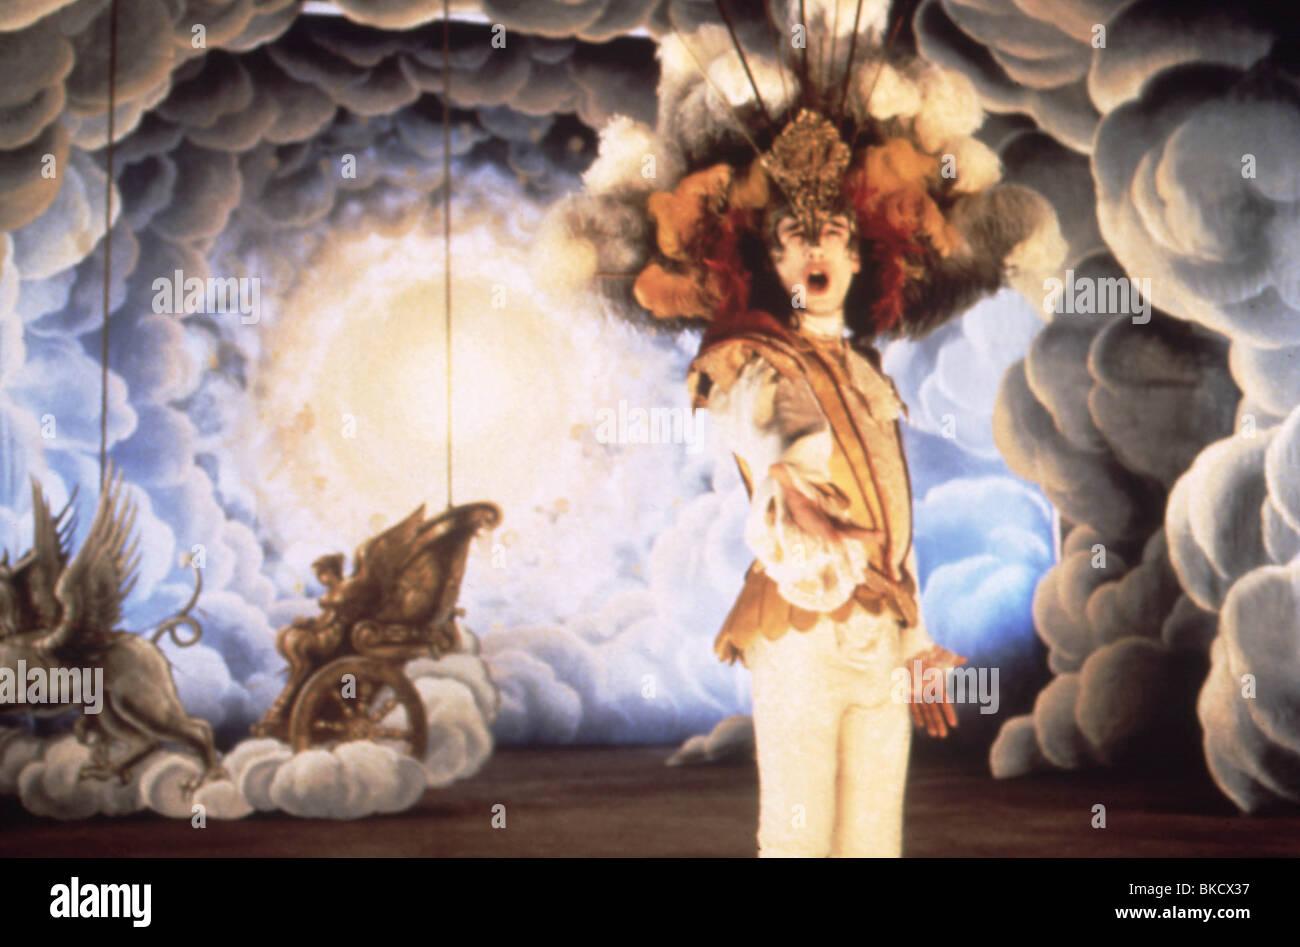 FARINELLI -1995 STEFANO DIONISI - Stock Image